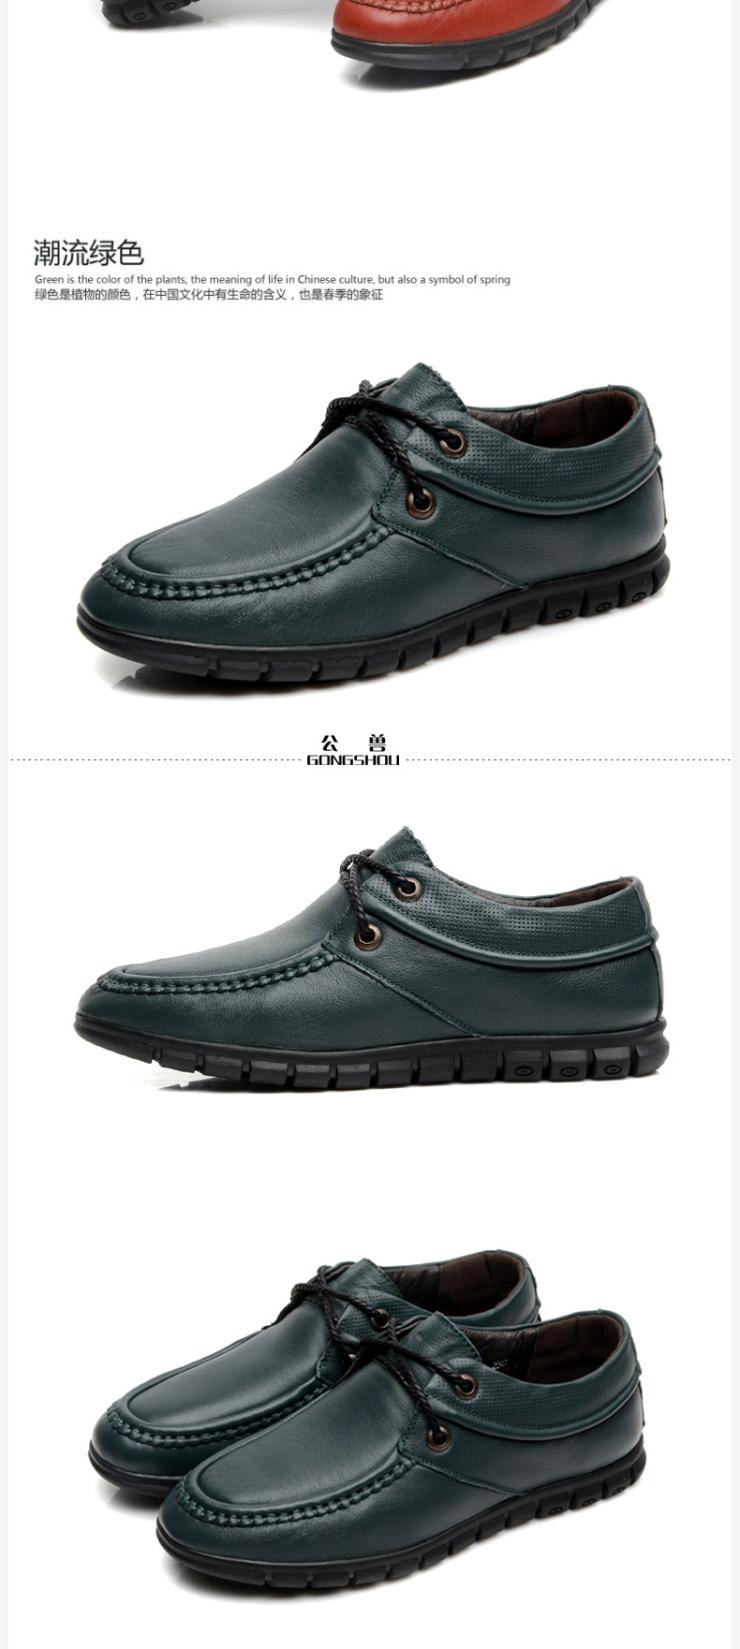 公兽英伦韩版透气时尚潮流真皮男士皮鞋日常休闲鞋男